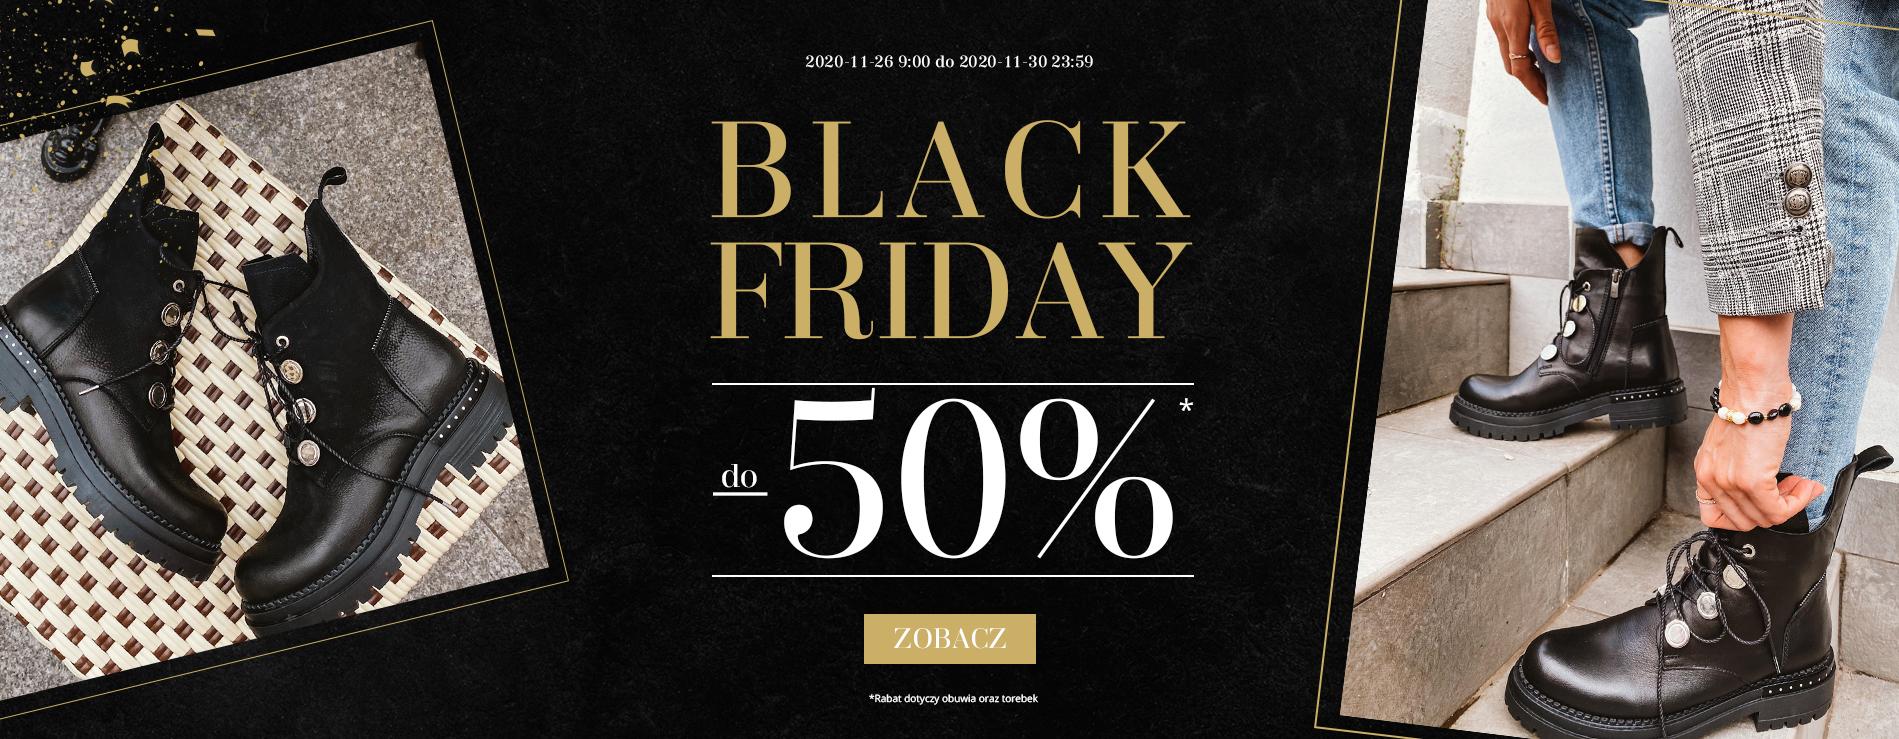 Badura: Black Friday do 50% zniżki na obuwie damskie i męskie oraz torebki